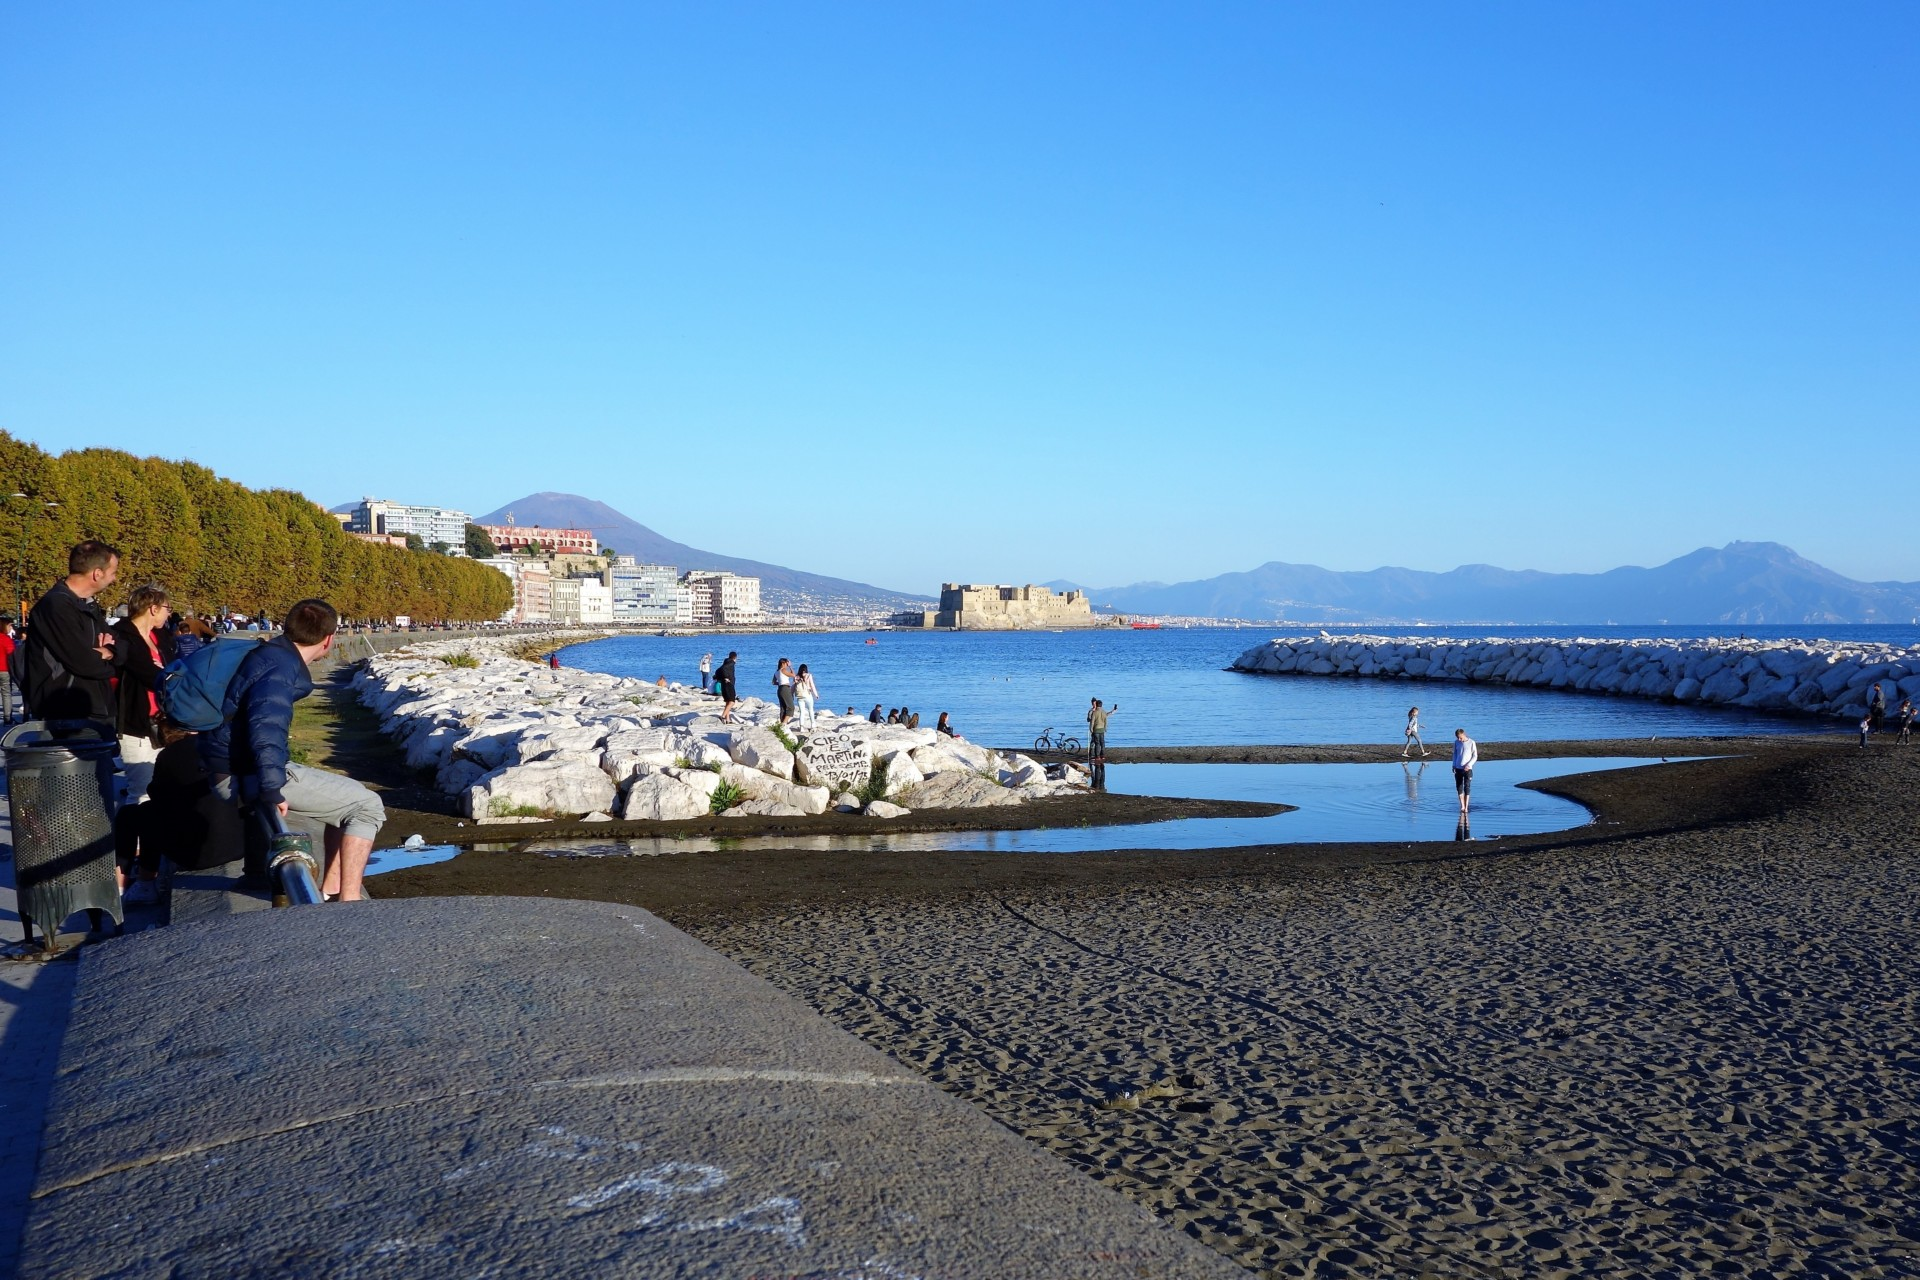 Auf dem Weg von der gemütlichen Spaziermeile entlang dem Meer, der Mergellina, ins centro storico